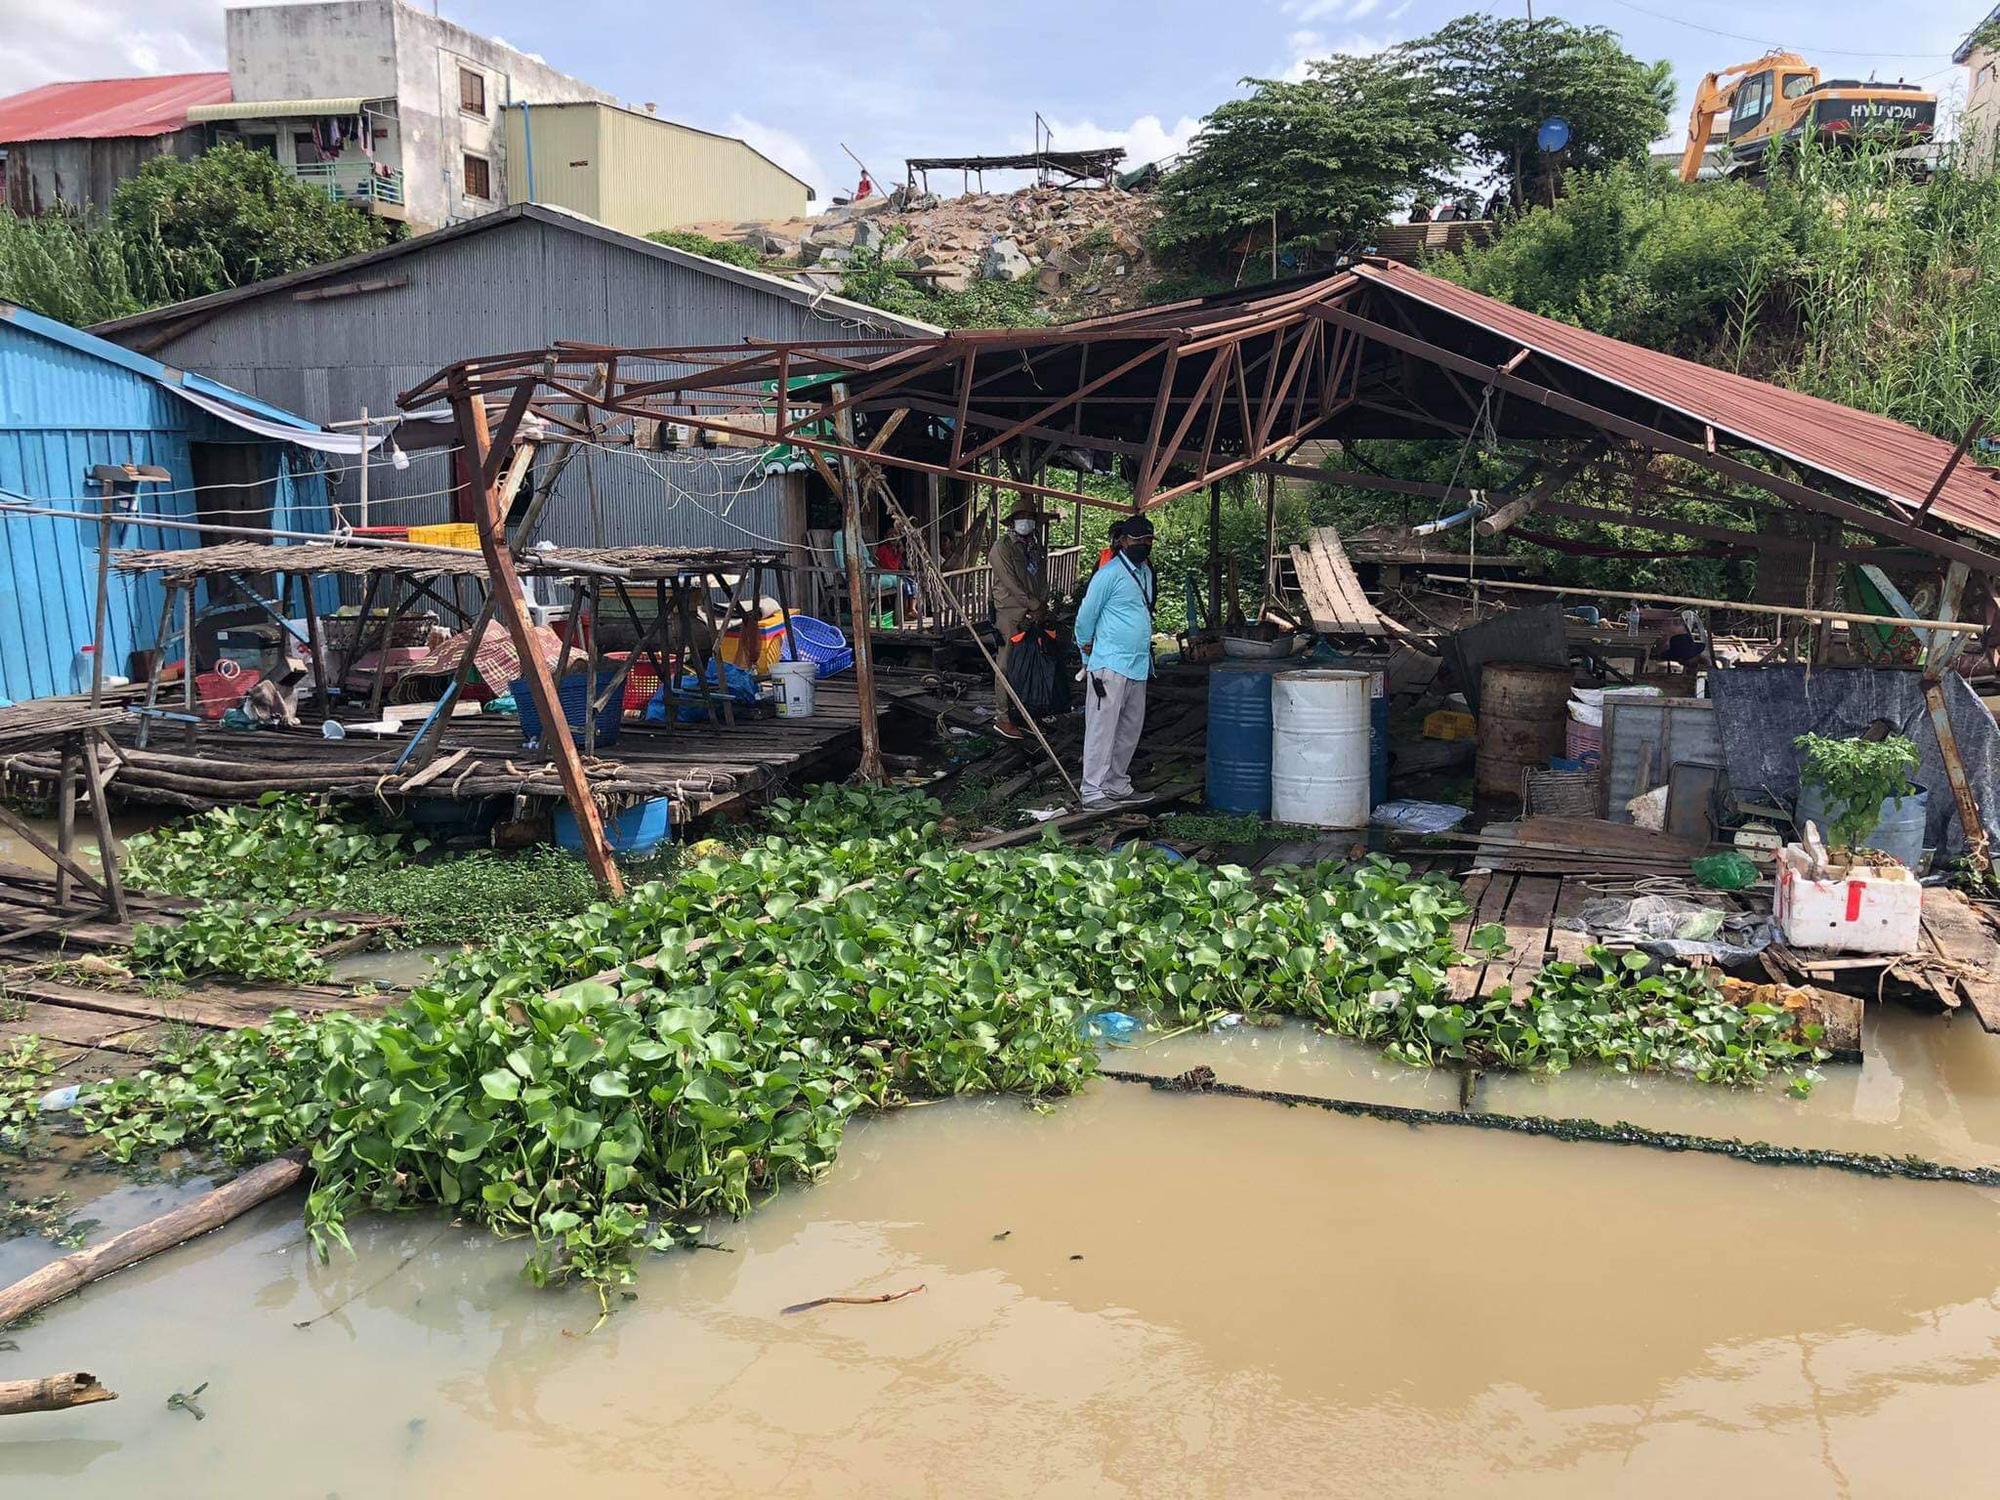 Đề nghị có lộ trình hợp lý di dời nhà nổi của người gốc Việt tại Phnom Penh - Ảnh 2.